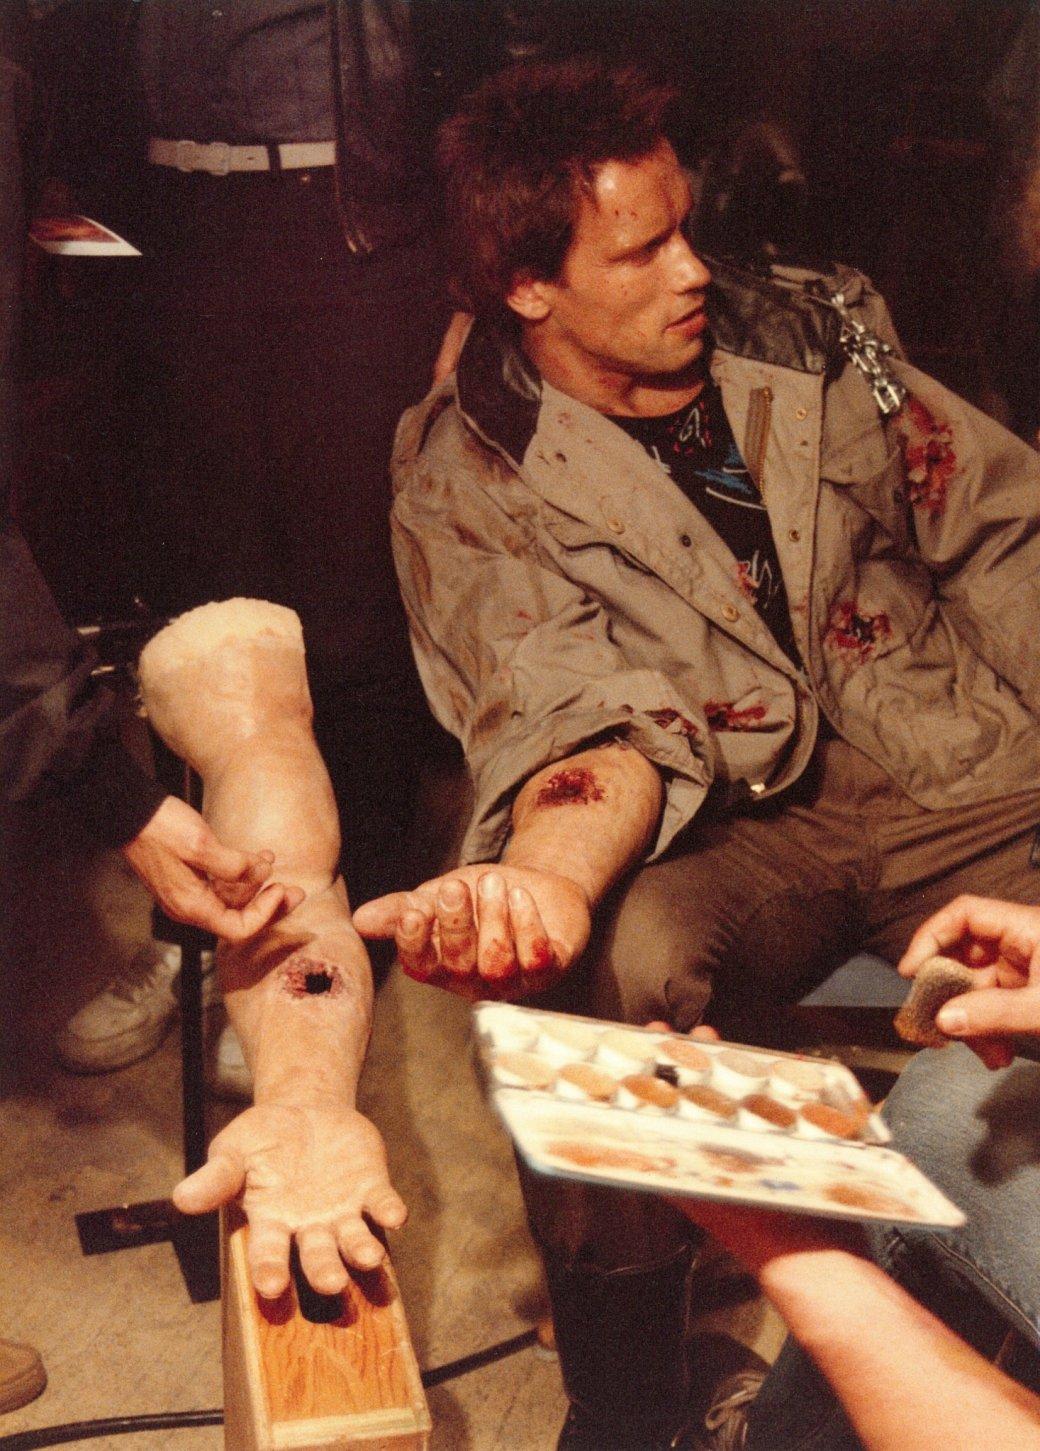 Арнольд Шварценеггер вчесть 35-летия «Терминатора» поделился старыми фото со съемок | Канобу - Изображение 0